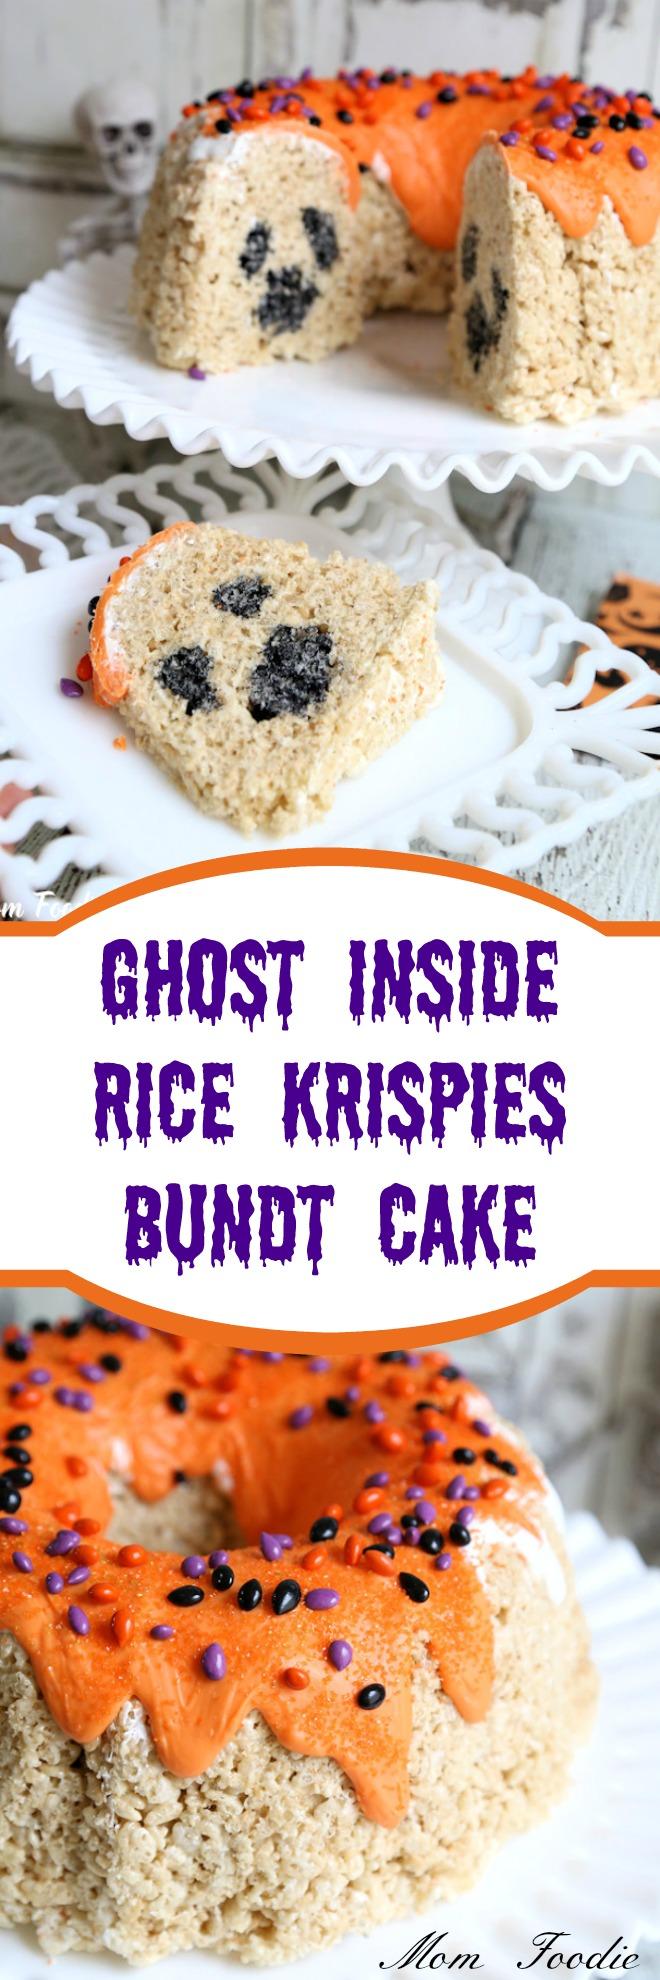 Ghost Inside Rice Krispies Bundt Cake